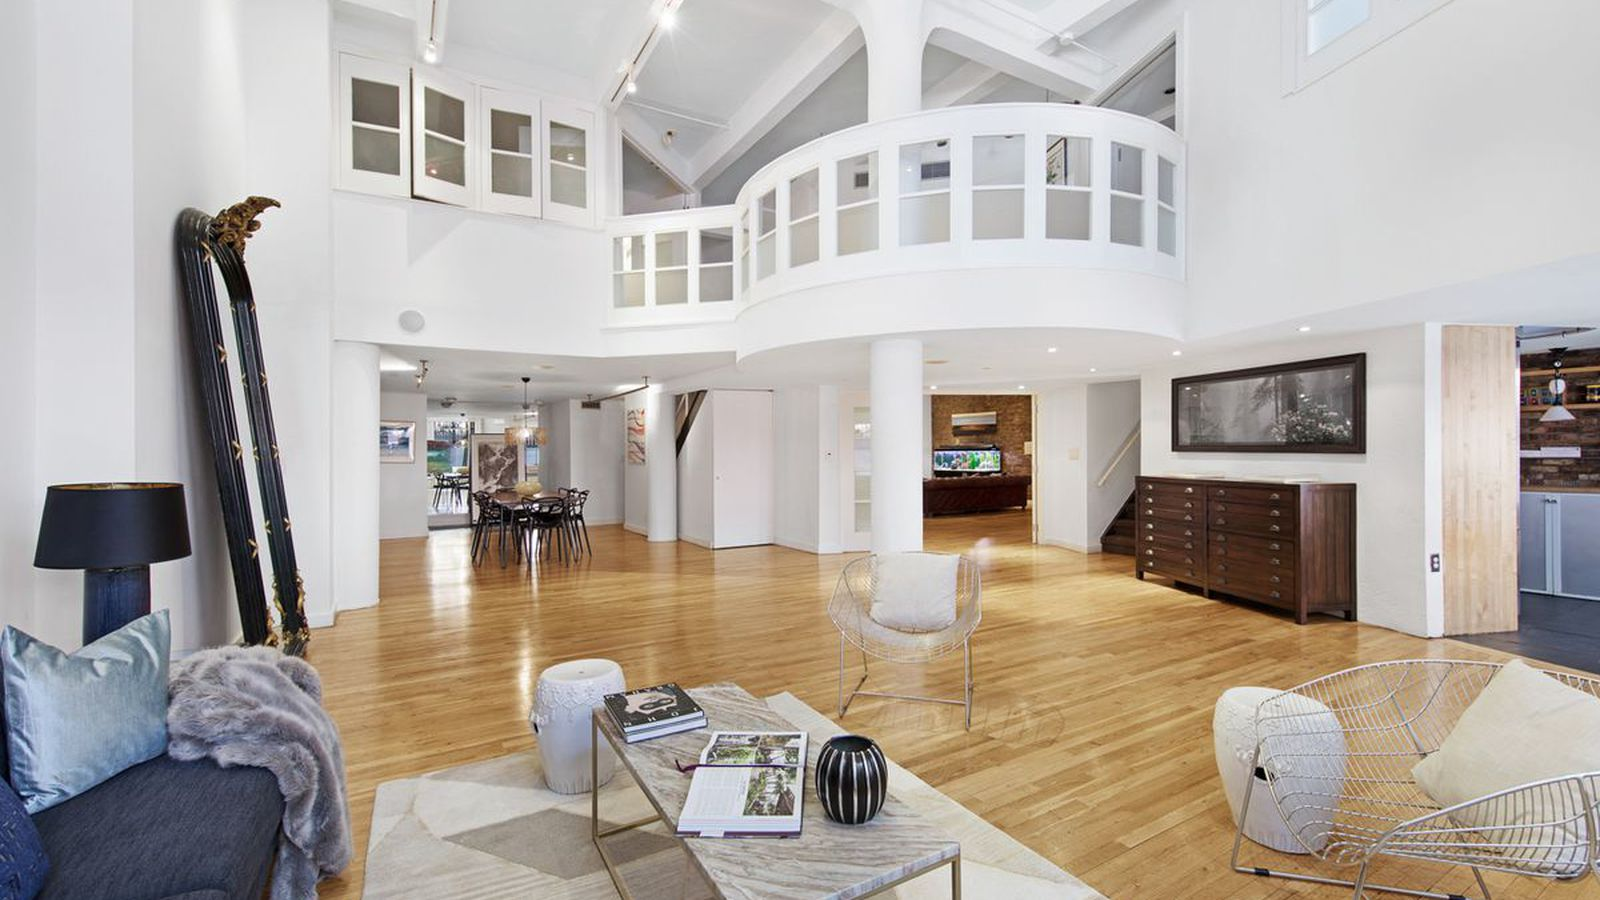 5 2m West Village Duplex Comes With Windowed Catwalk